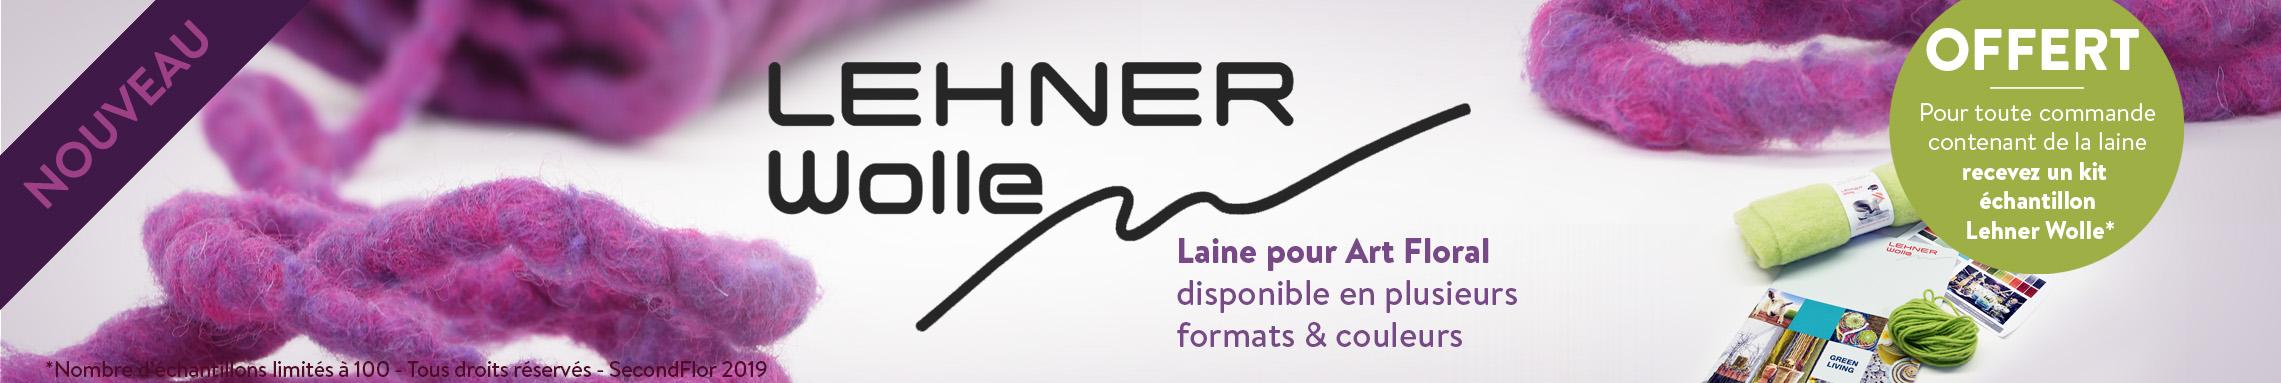 lehner wolle-banner-cat-FR.jpg